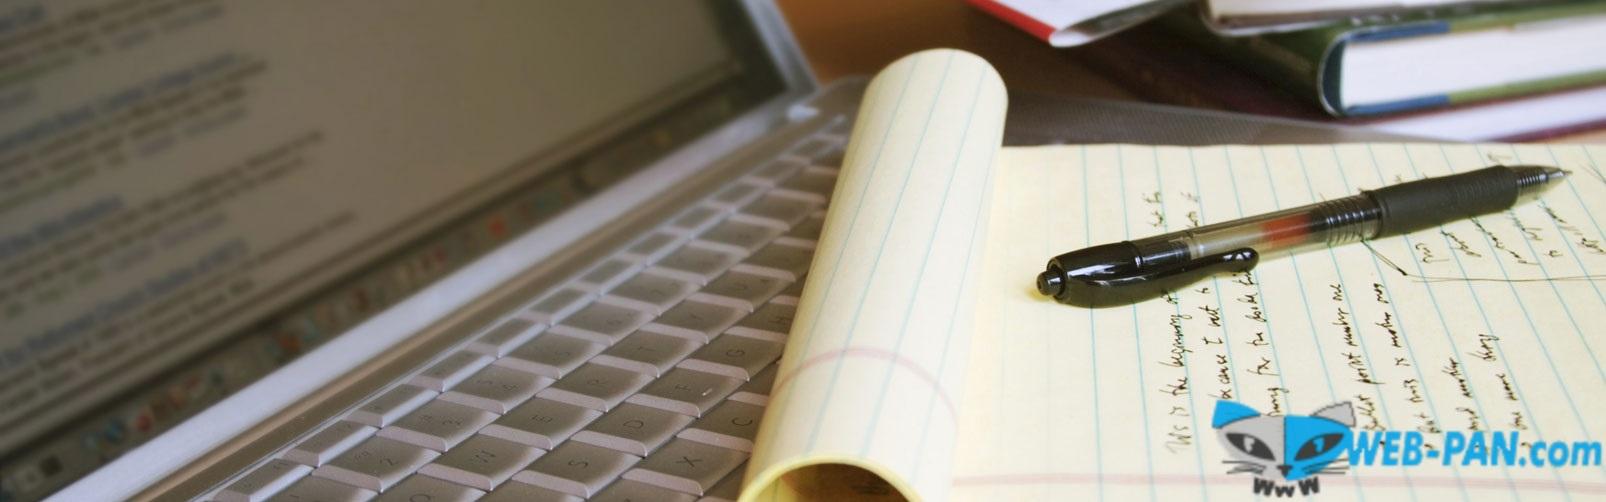 Услуги по написанию текстов (копирайтинг, рерайтинг)!